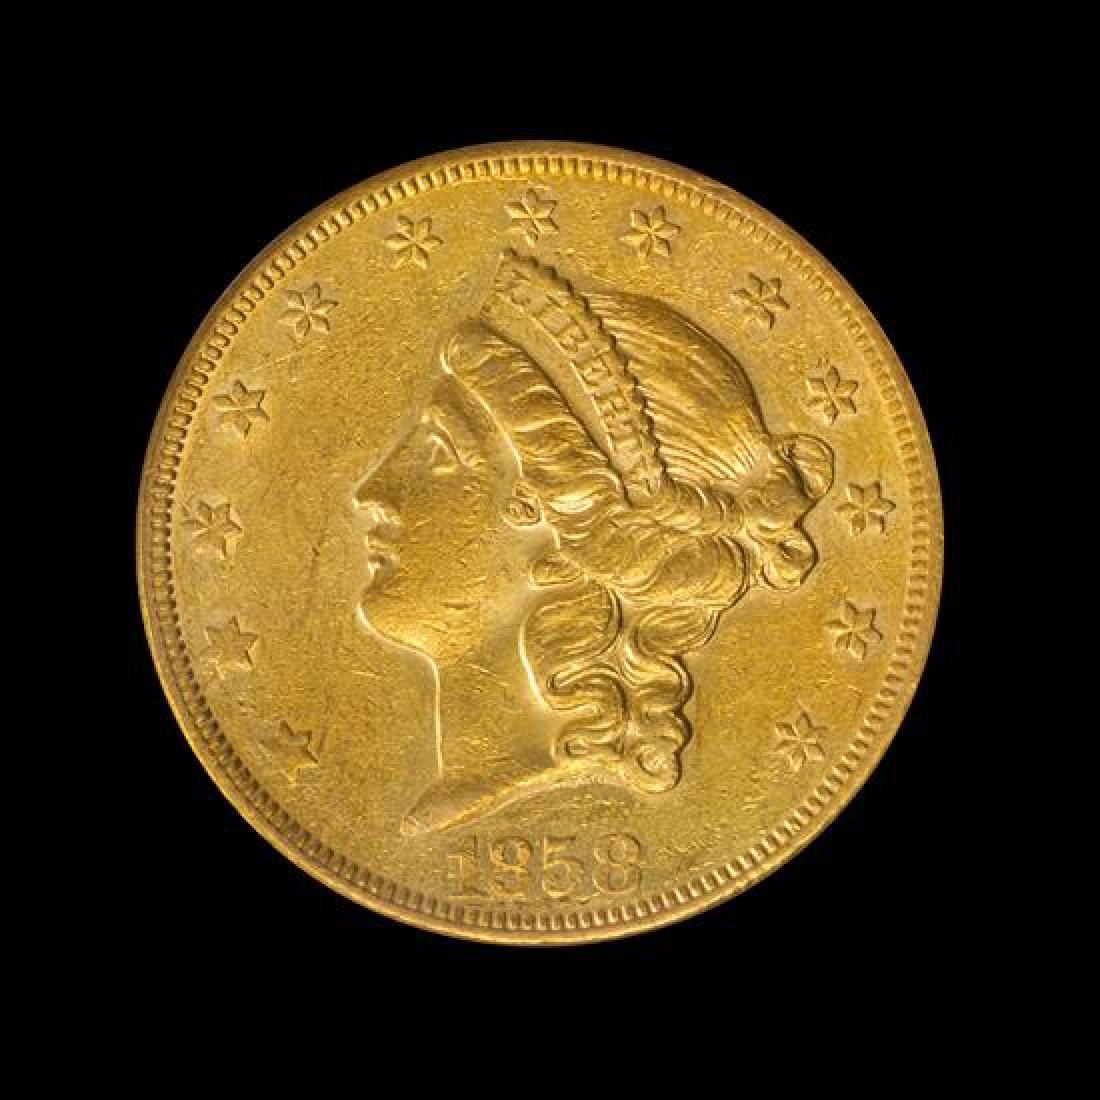 1858-O Liberty Head $20 Gold Coin